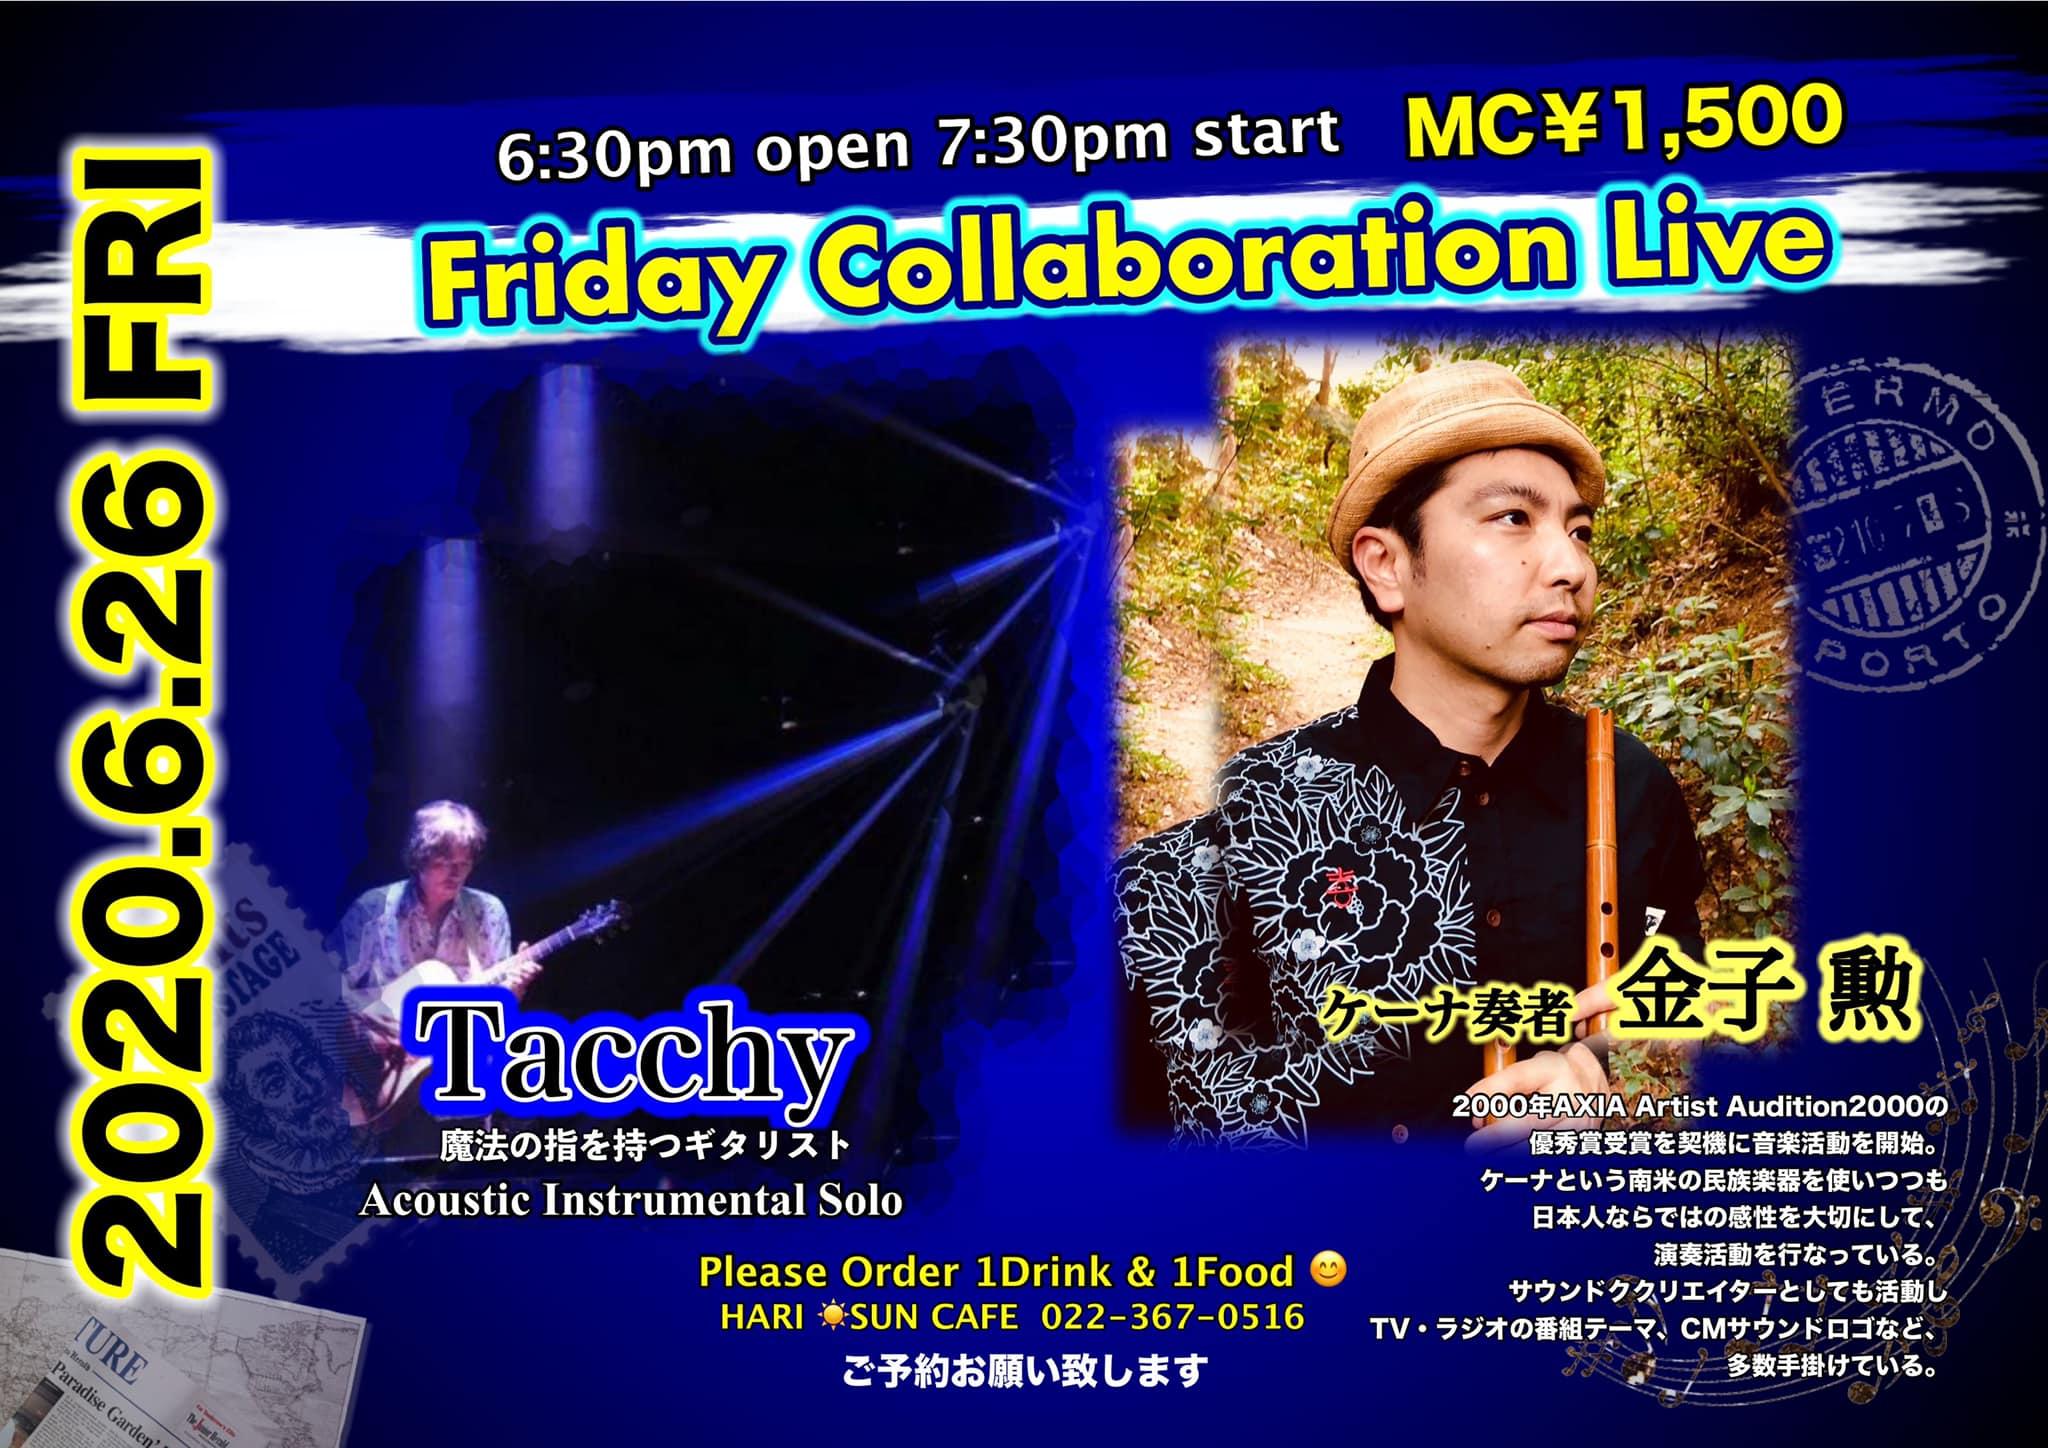 金子勲& Tacchy ライブ